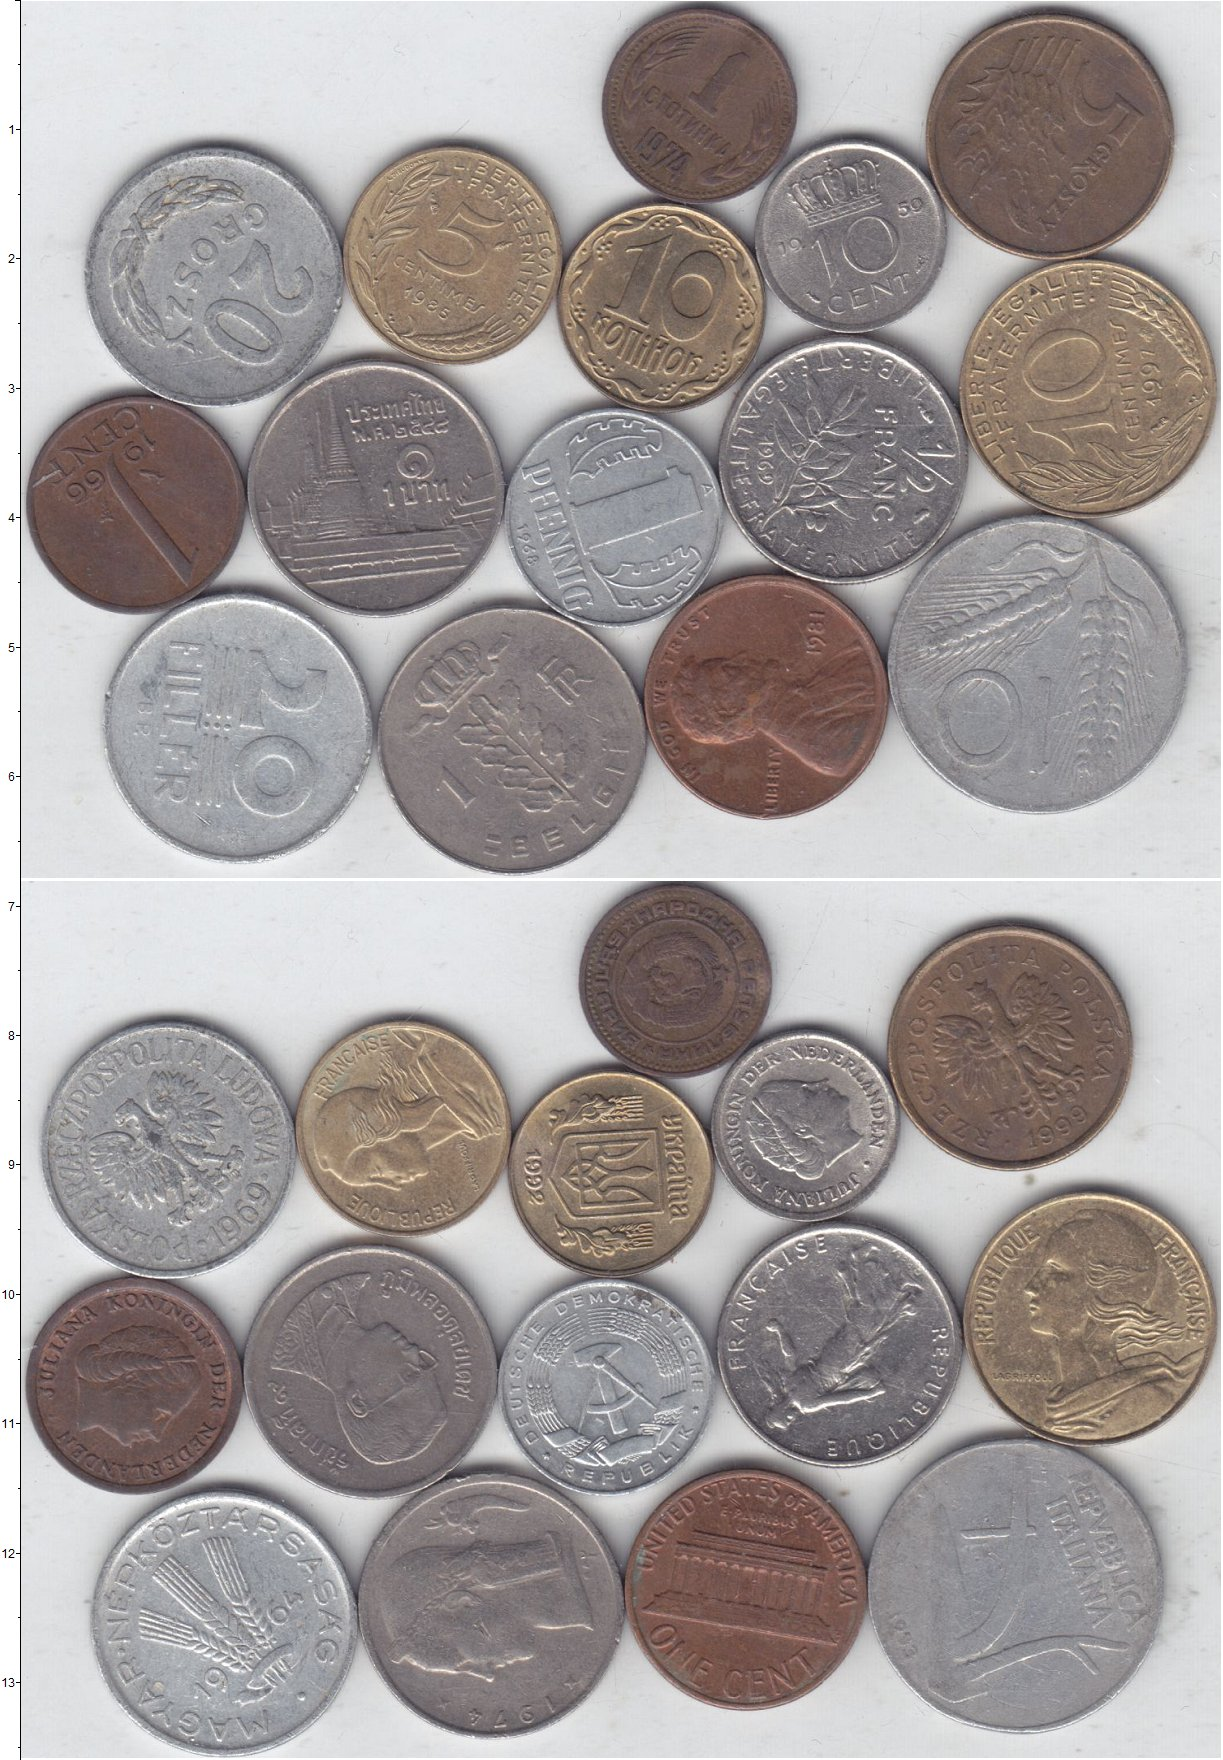 Картинка Лоты монет для начинающих нумизматов Монеты стран мира Лот №01301  0